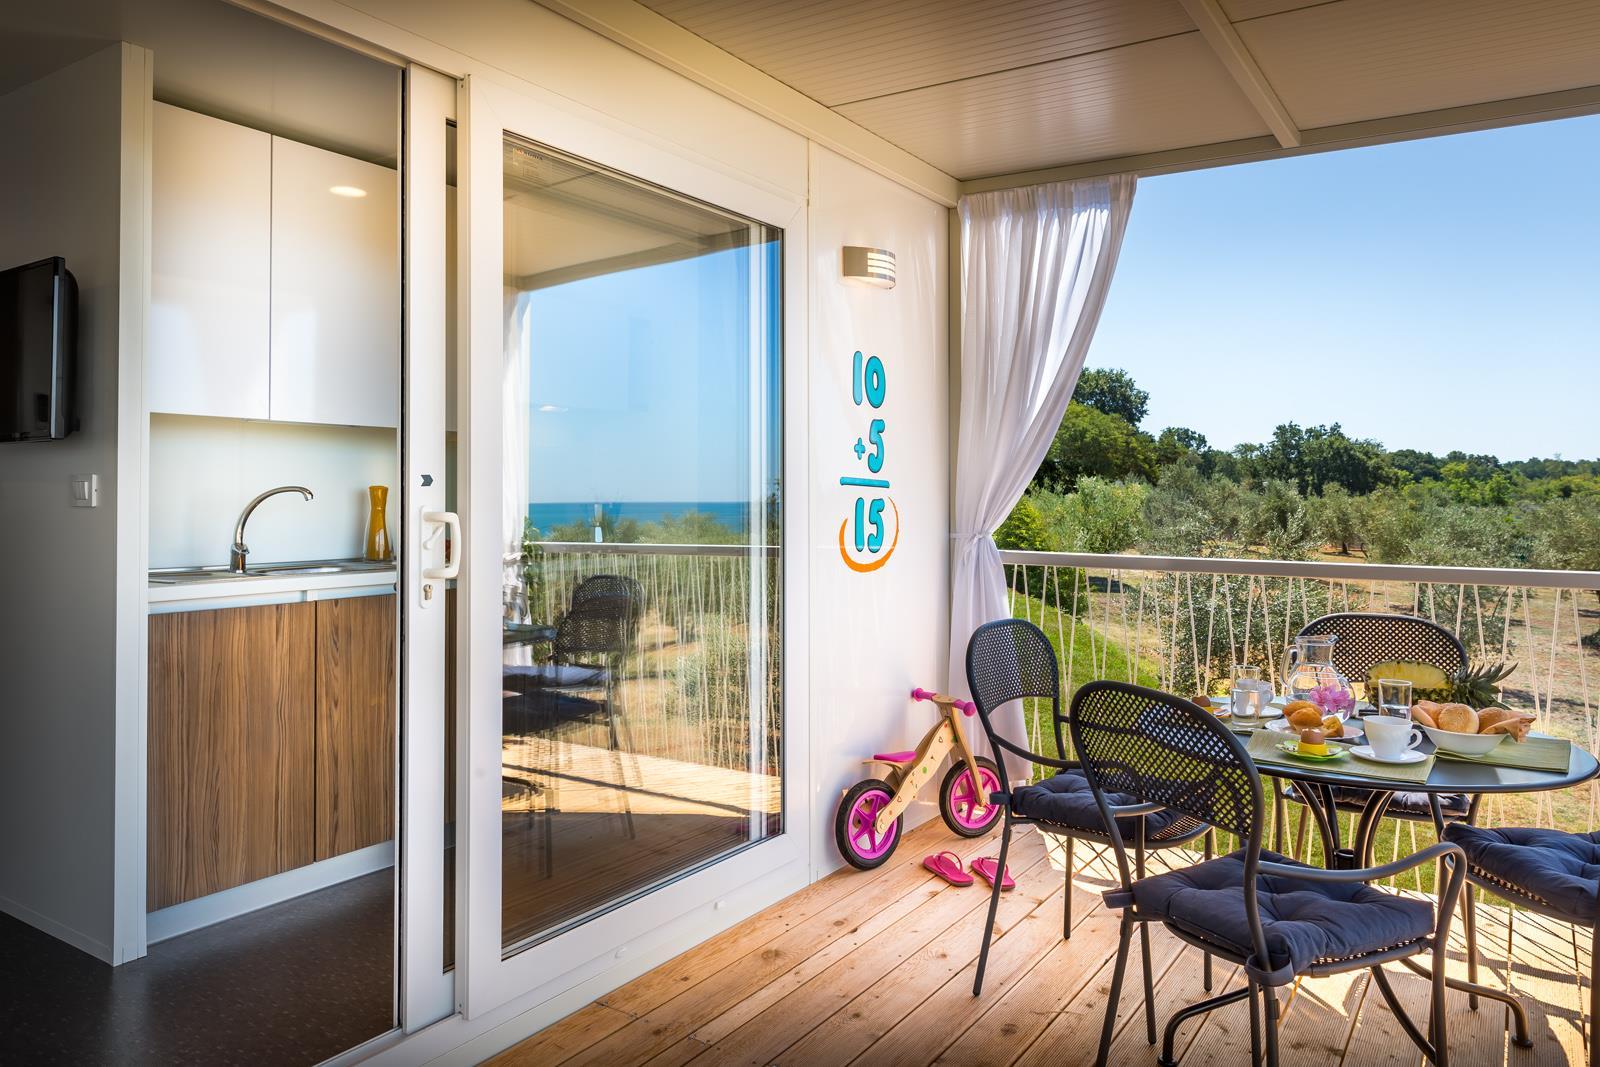 Location - Maison De Vacances Mirami' Family Village - Aminess Maravea Camping Resort